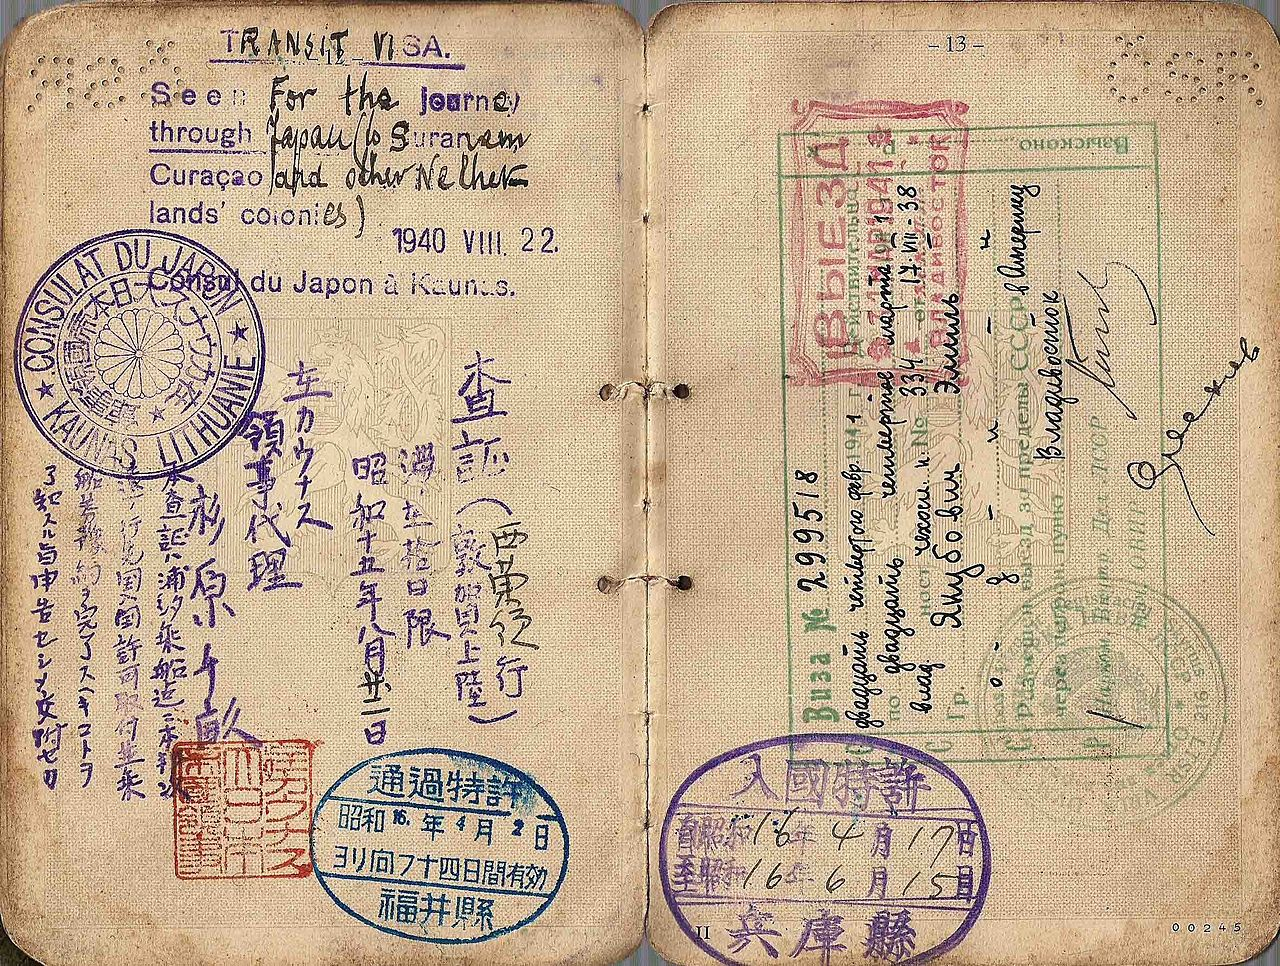 Транзитная виза, выданная консулом Тиуне Сугихарой